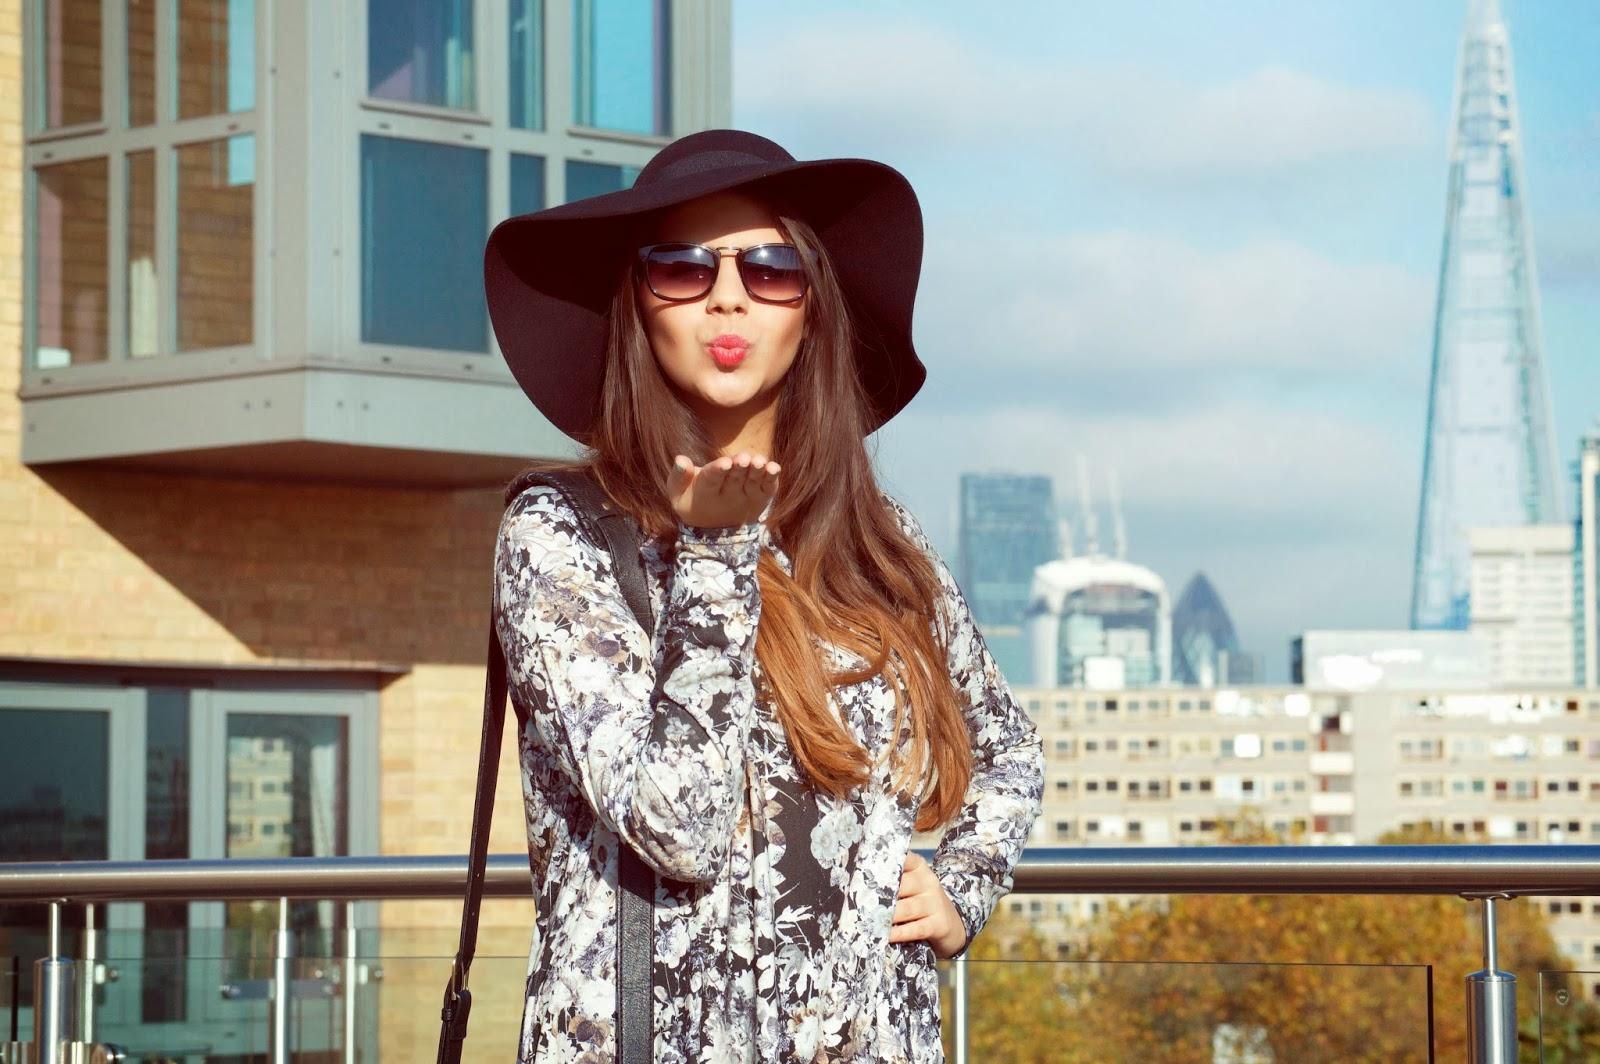 339010b45b Firmoo Sunglasses Review! – Fashionbyreneta Blog